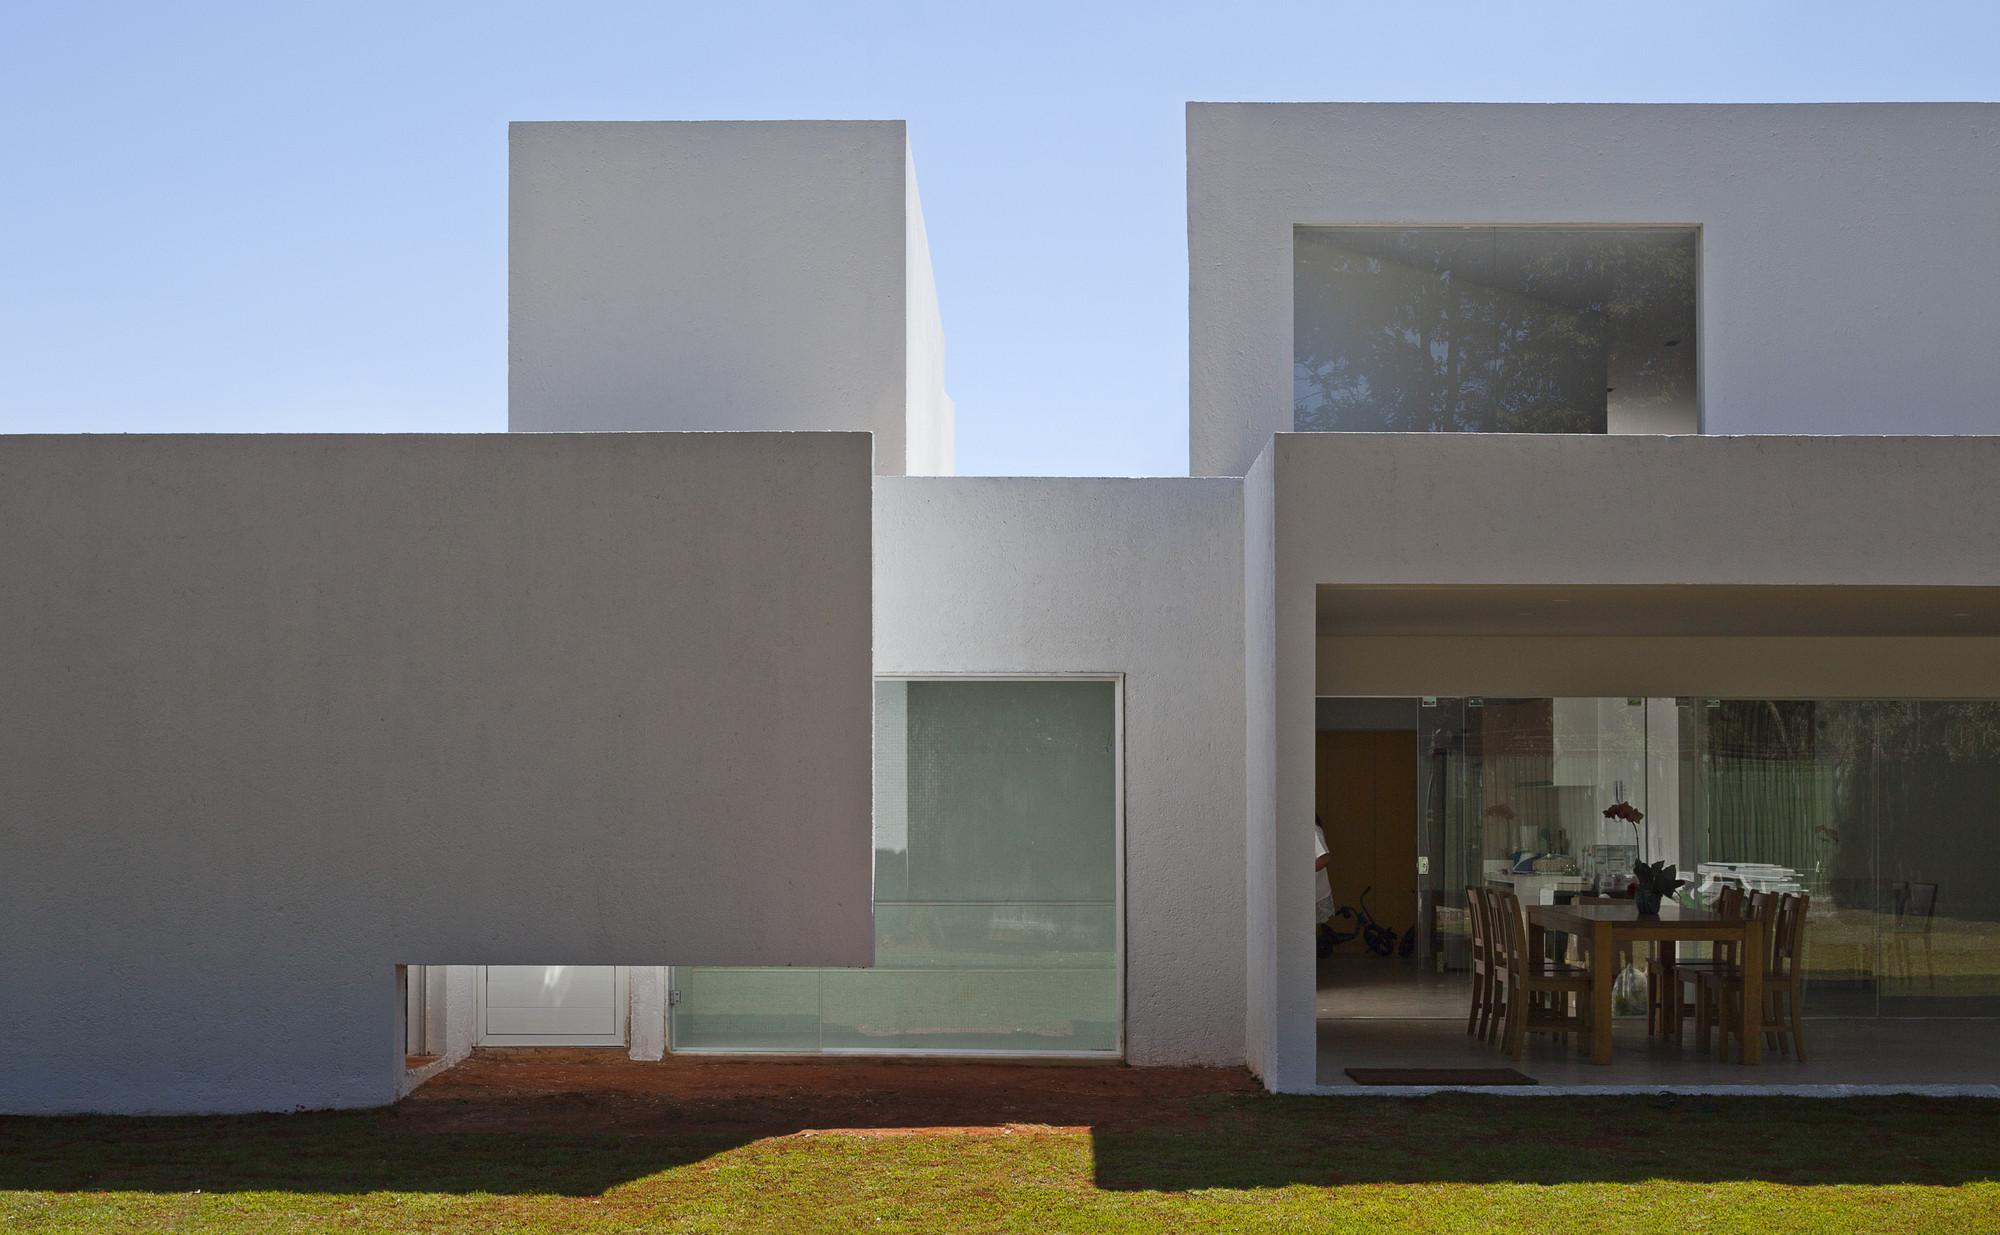 Migliari Guimarães House | DOMO